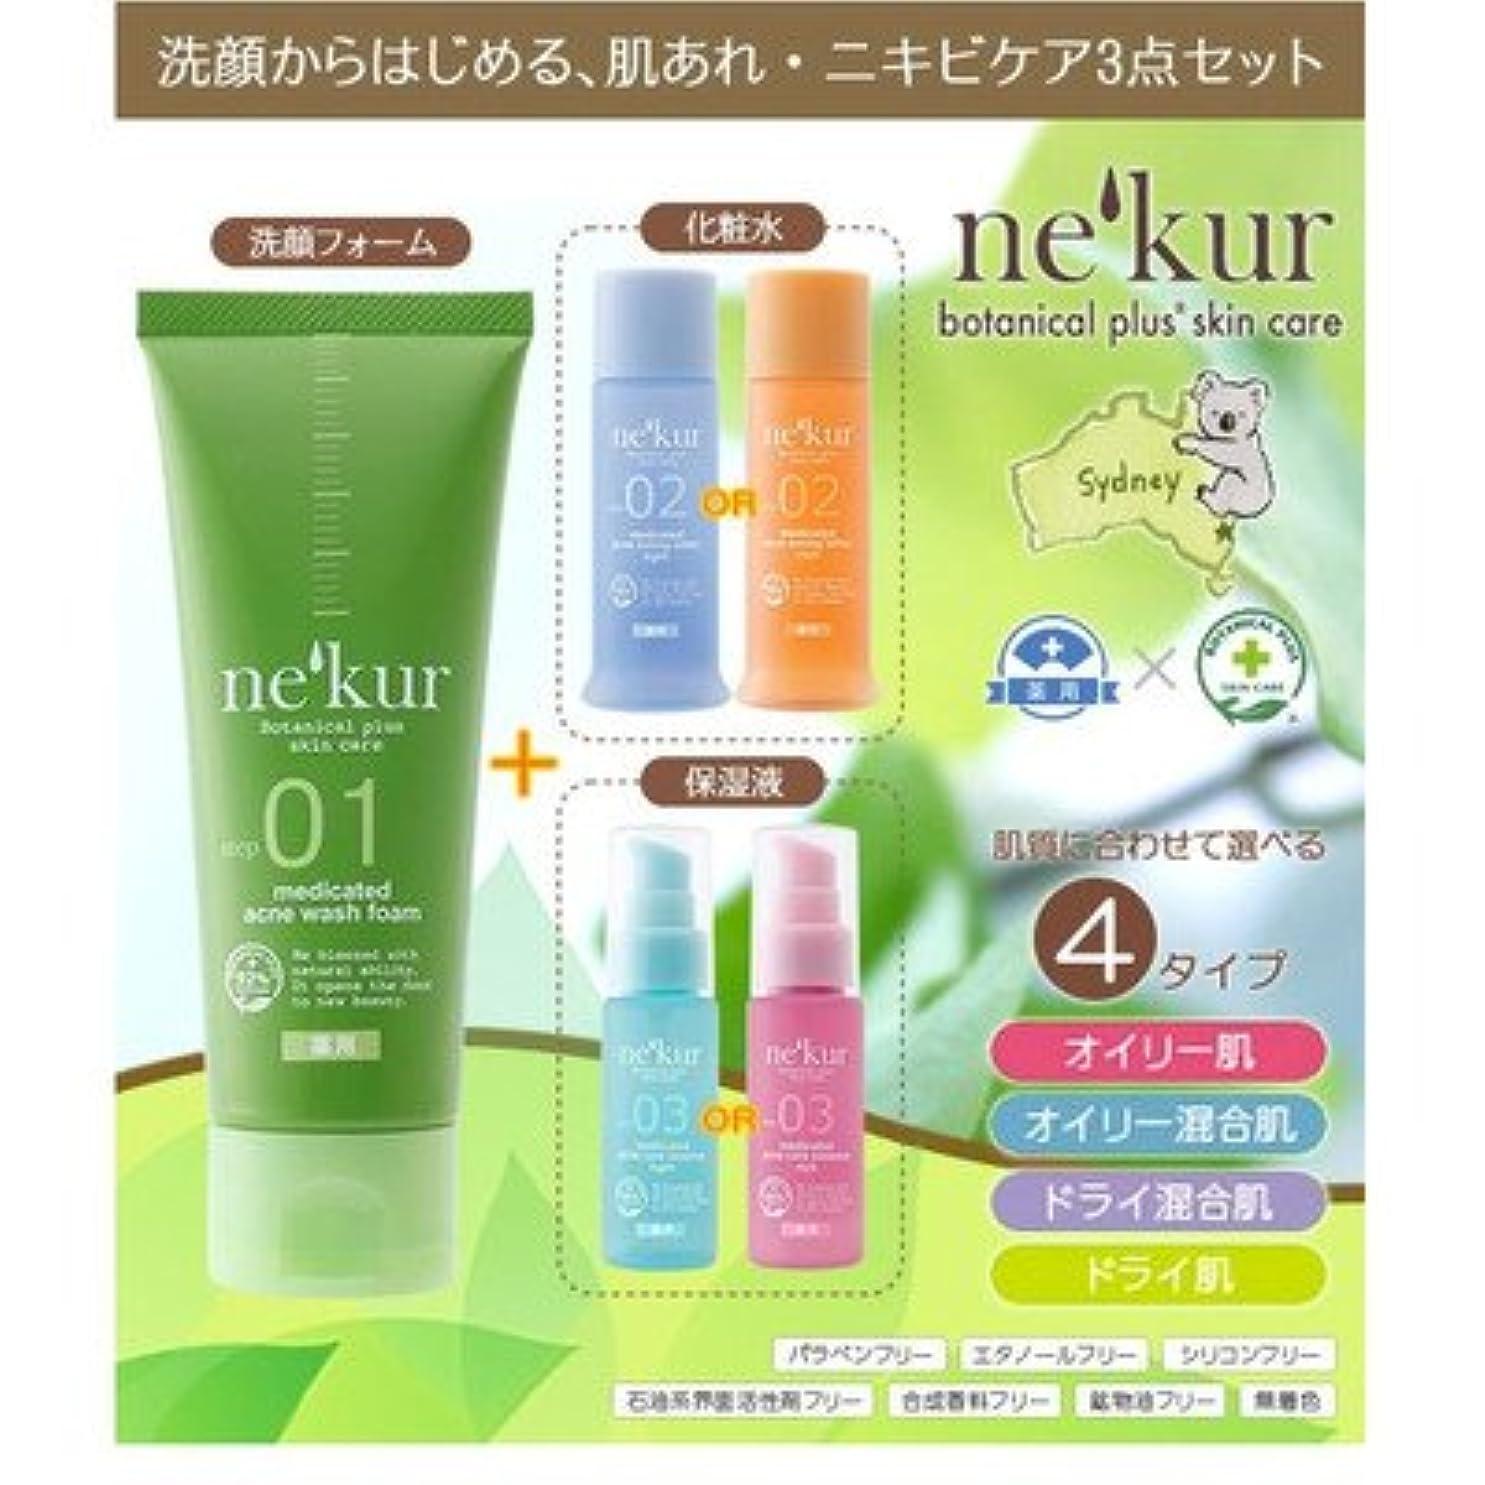 聖職者延ばす雇うネクア(nekur) ボタニカルプラススキンケア 薬用アクネ洗顔3点セット オイリー混合肌セット( 画像はイメージ画像です お届けの商品はオイリー混合肌セットのみとなります)